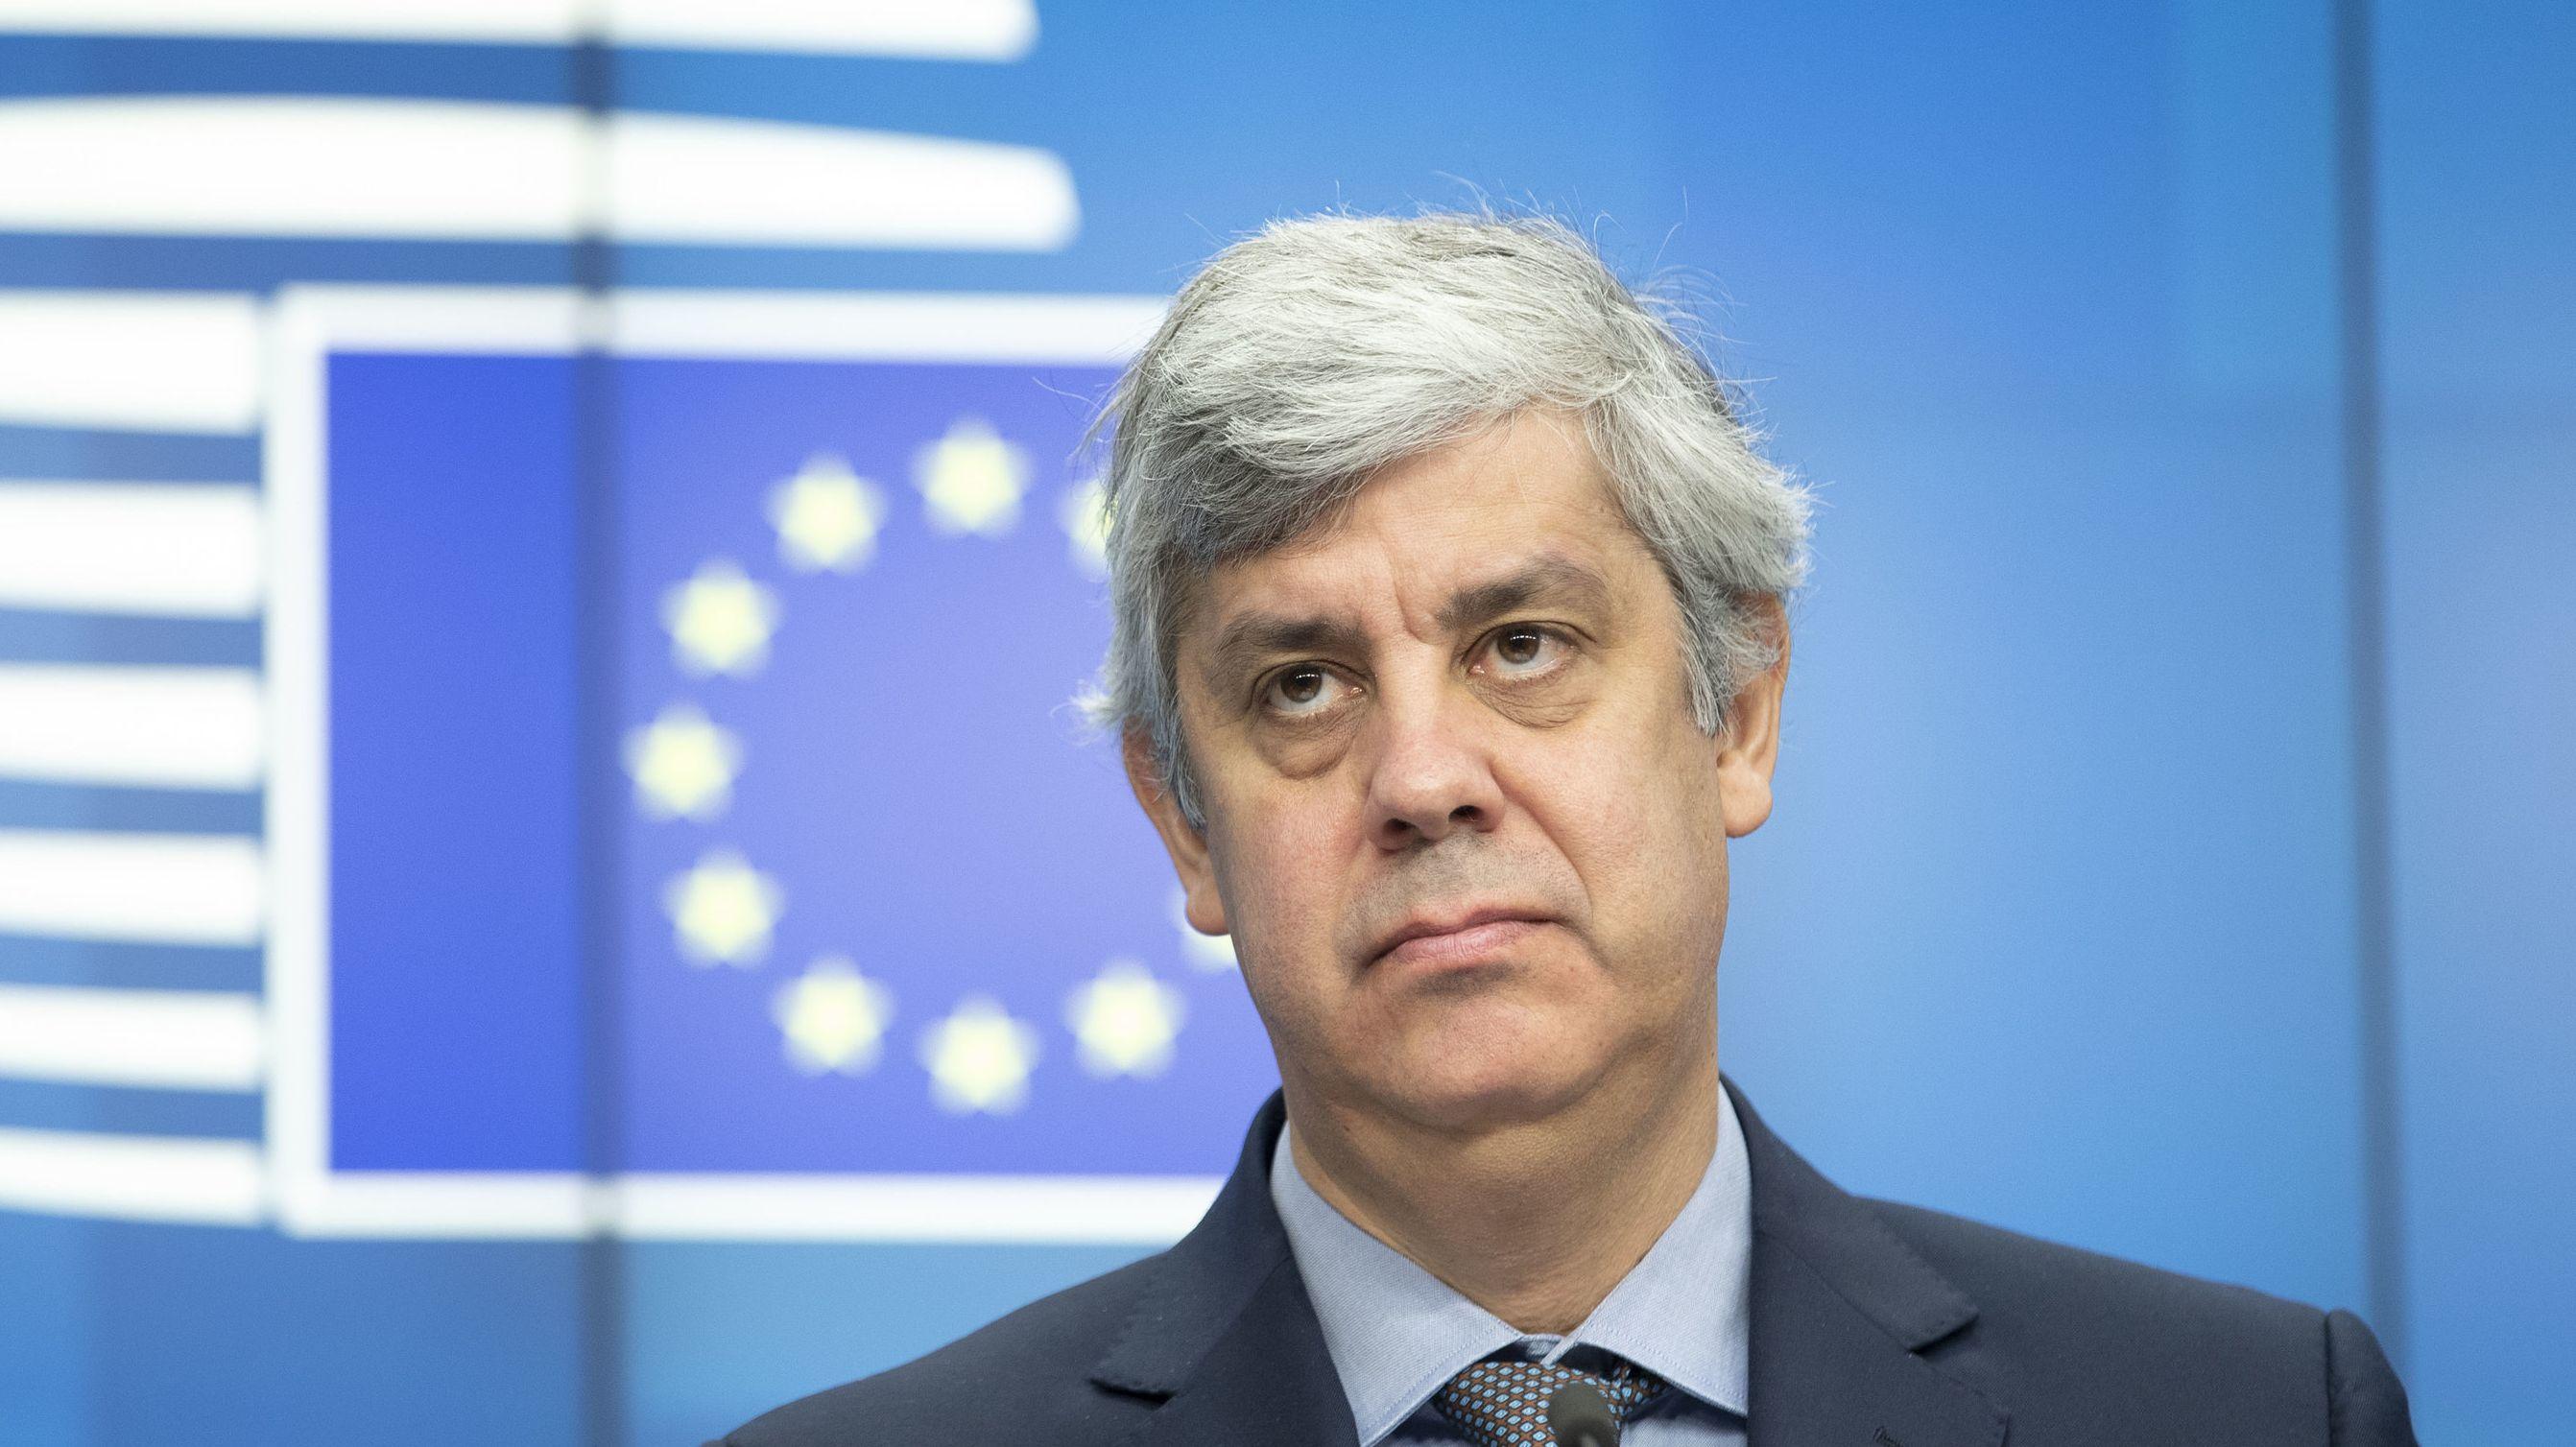 05.12.2019, Belgien, Brüssel: Der Präsident der Eurogruppe und portugiesische Finanzminister Mario Centeno hält im Anschluss an den Rat «Wirtschaft und Finanzen» eine Pressekonferenz ab.